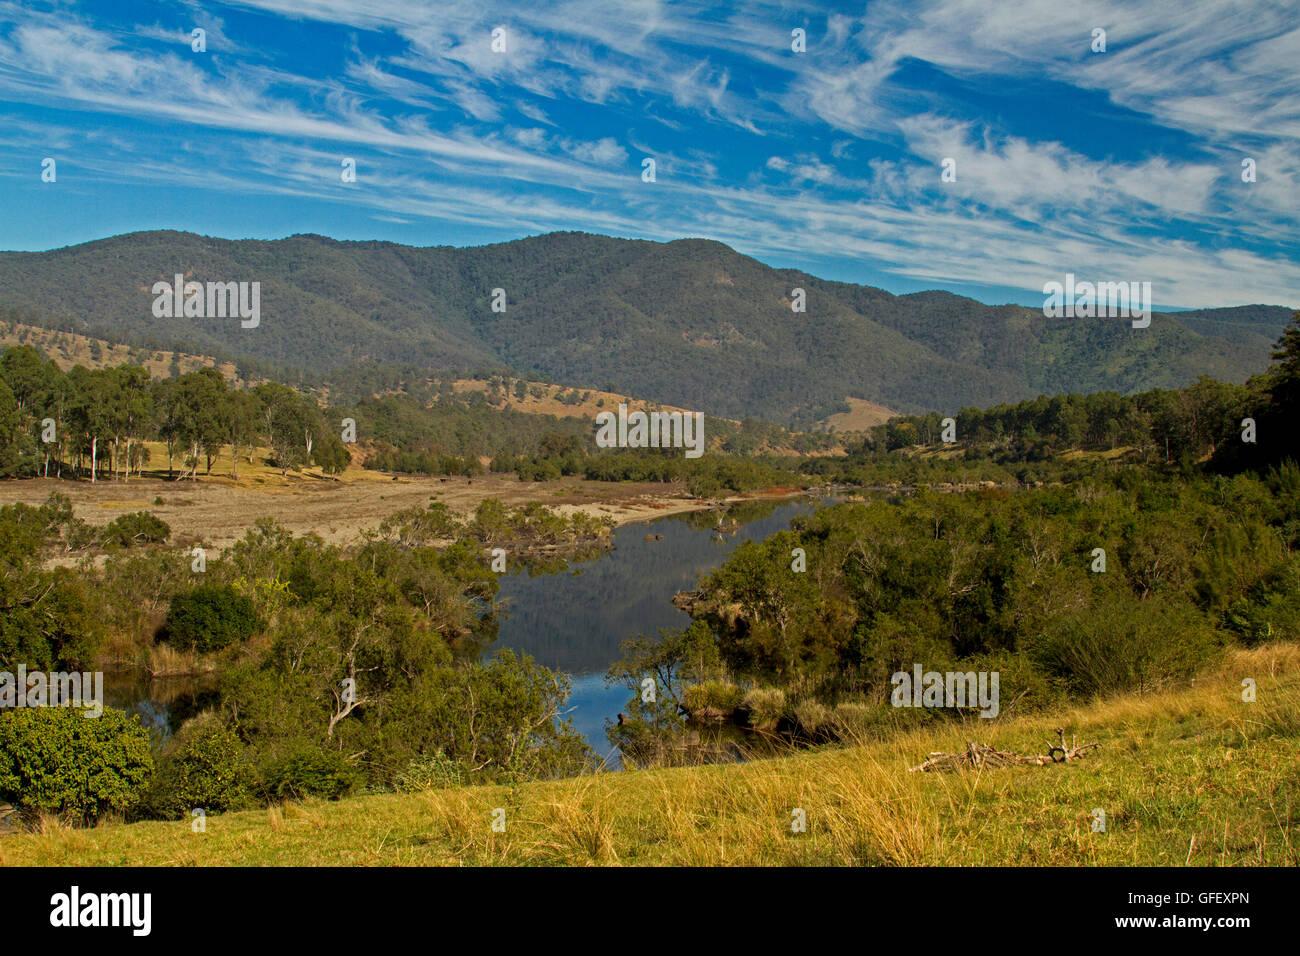 Paysage magnifique, Mann River trancheuse à travers des bois, des herbes d'or, les collines boisées Photo Stock